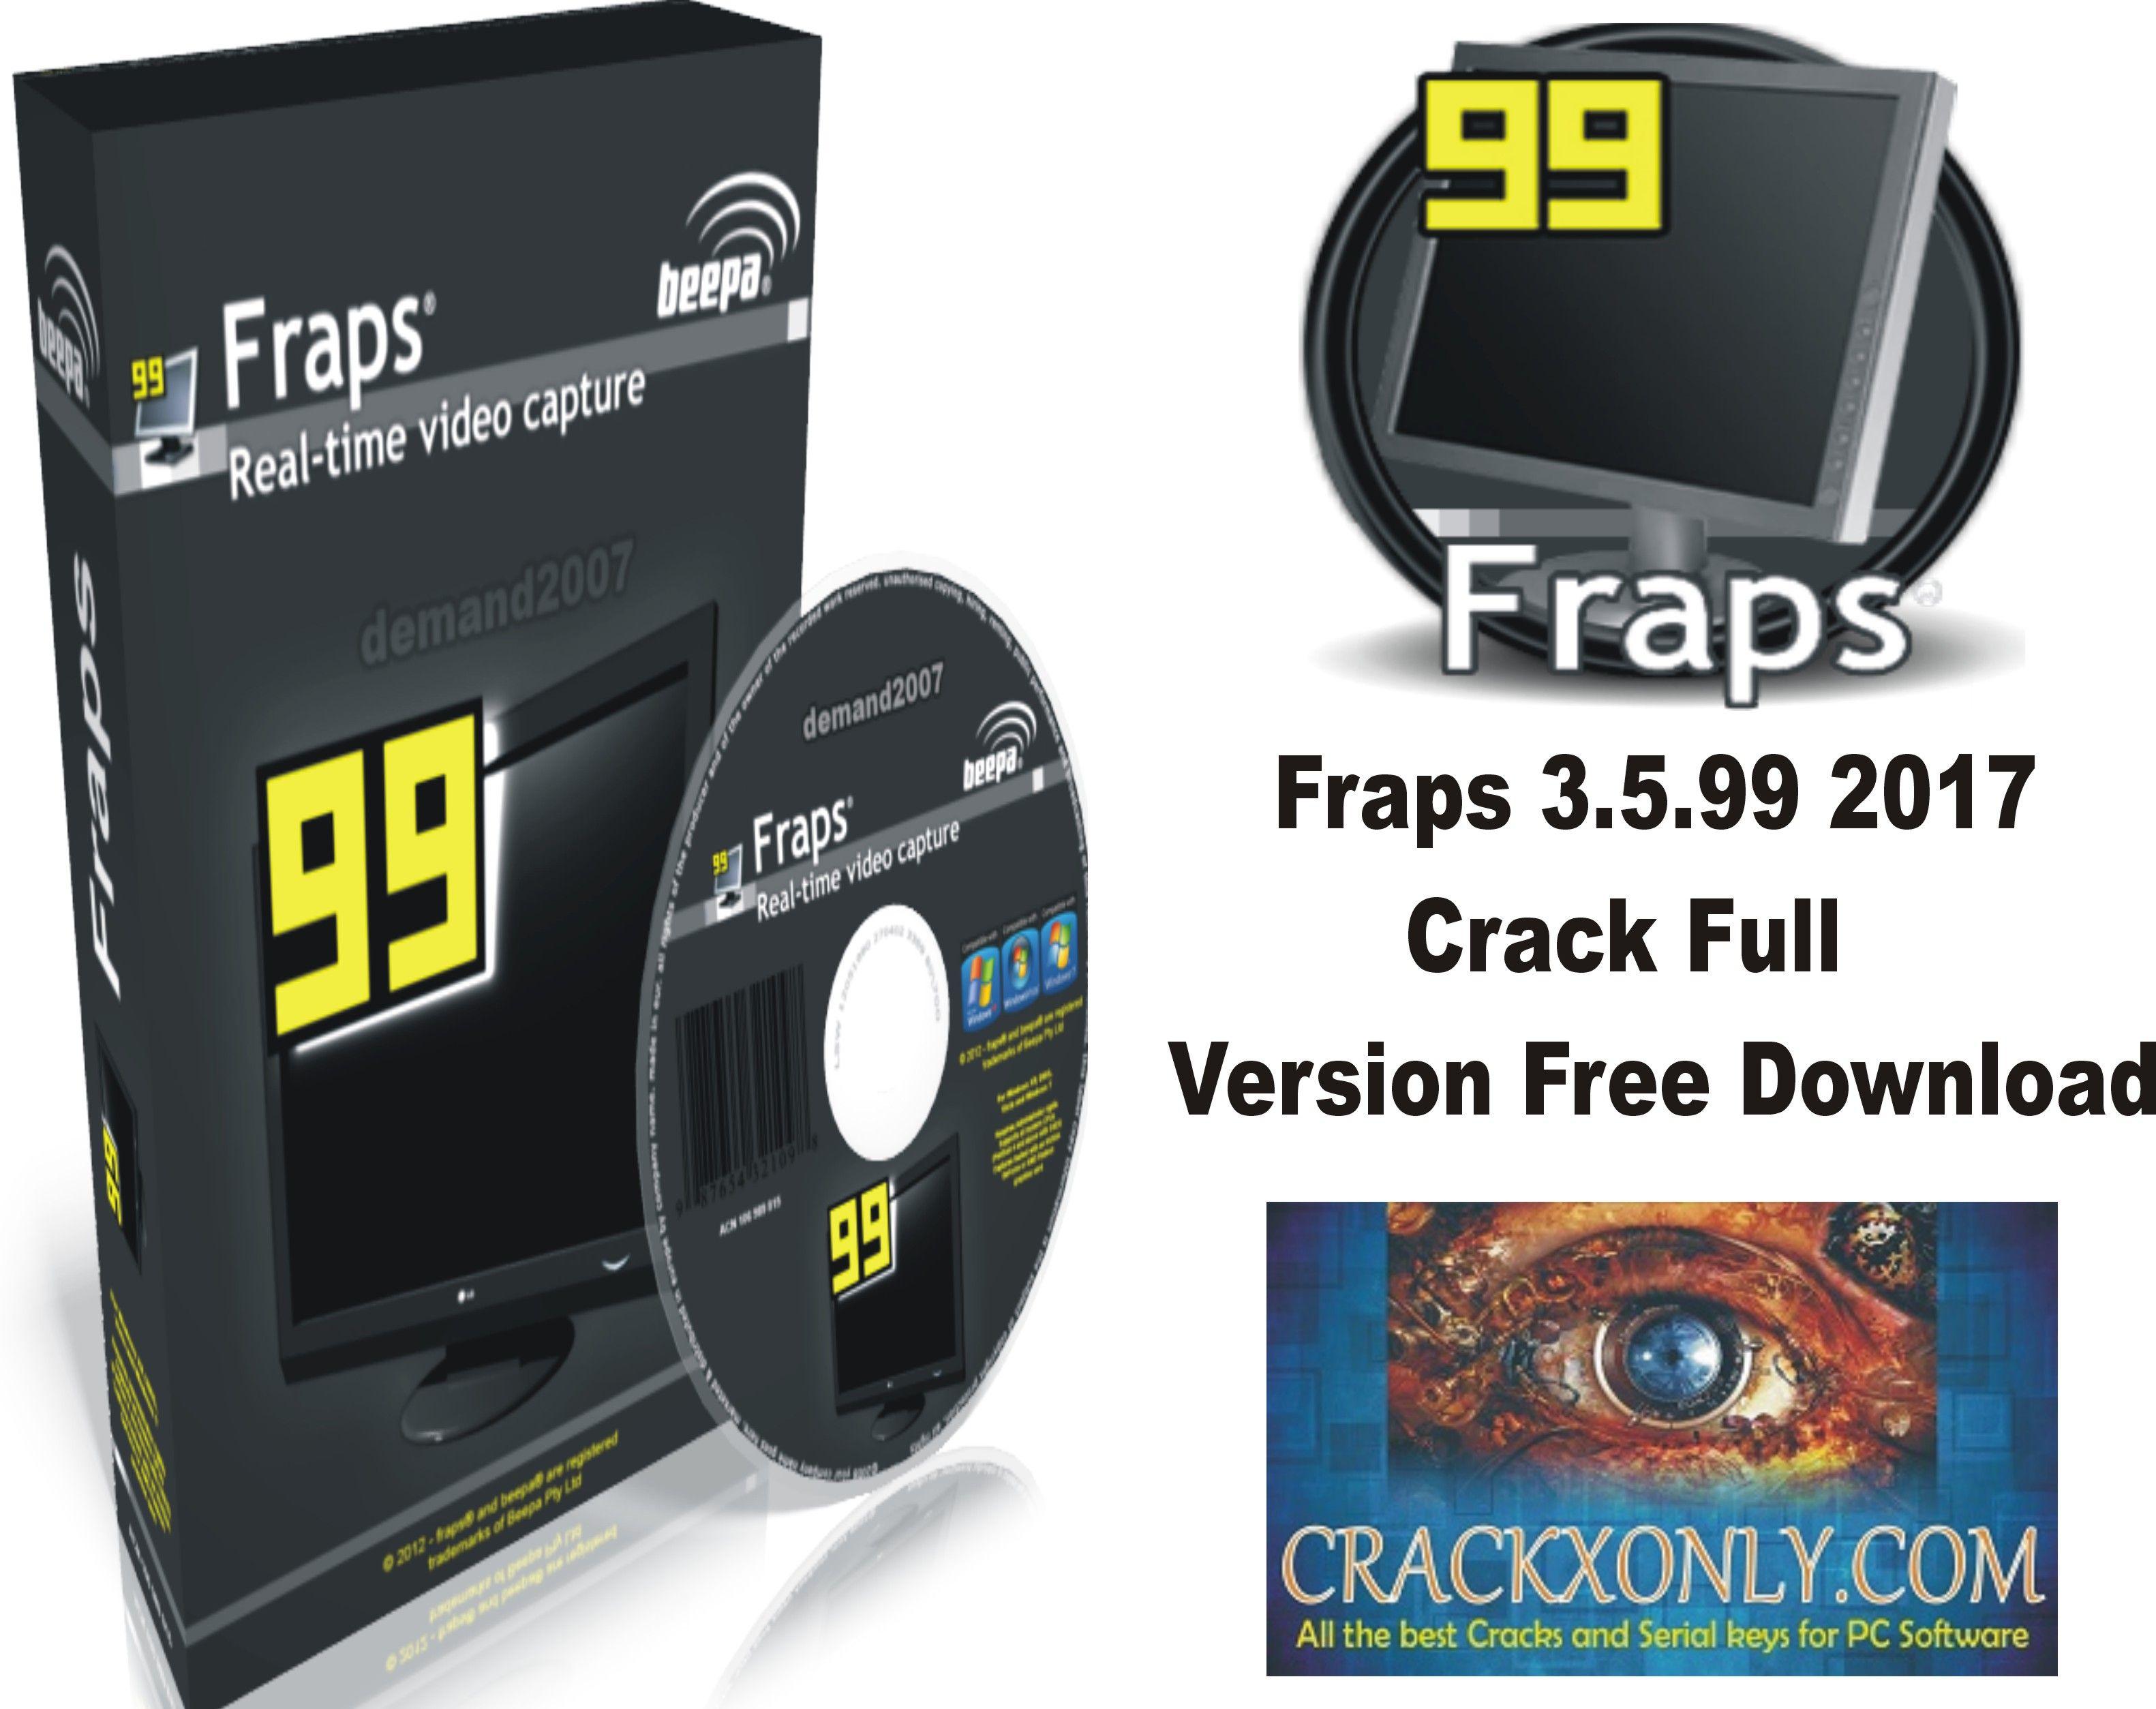 fraps 3 5 99 2017 crack full version free download fraps 3 5 99 2017